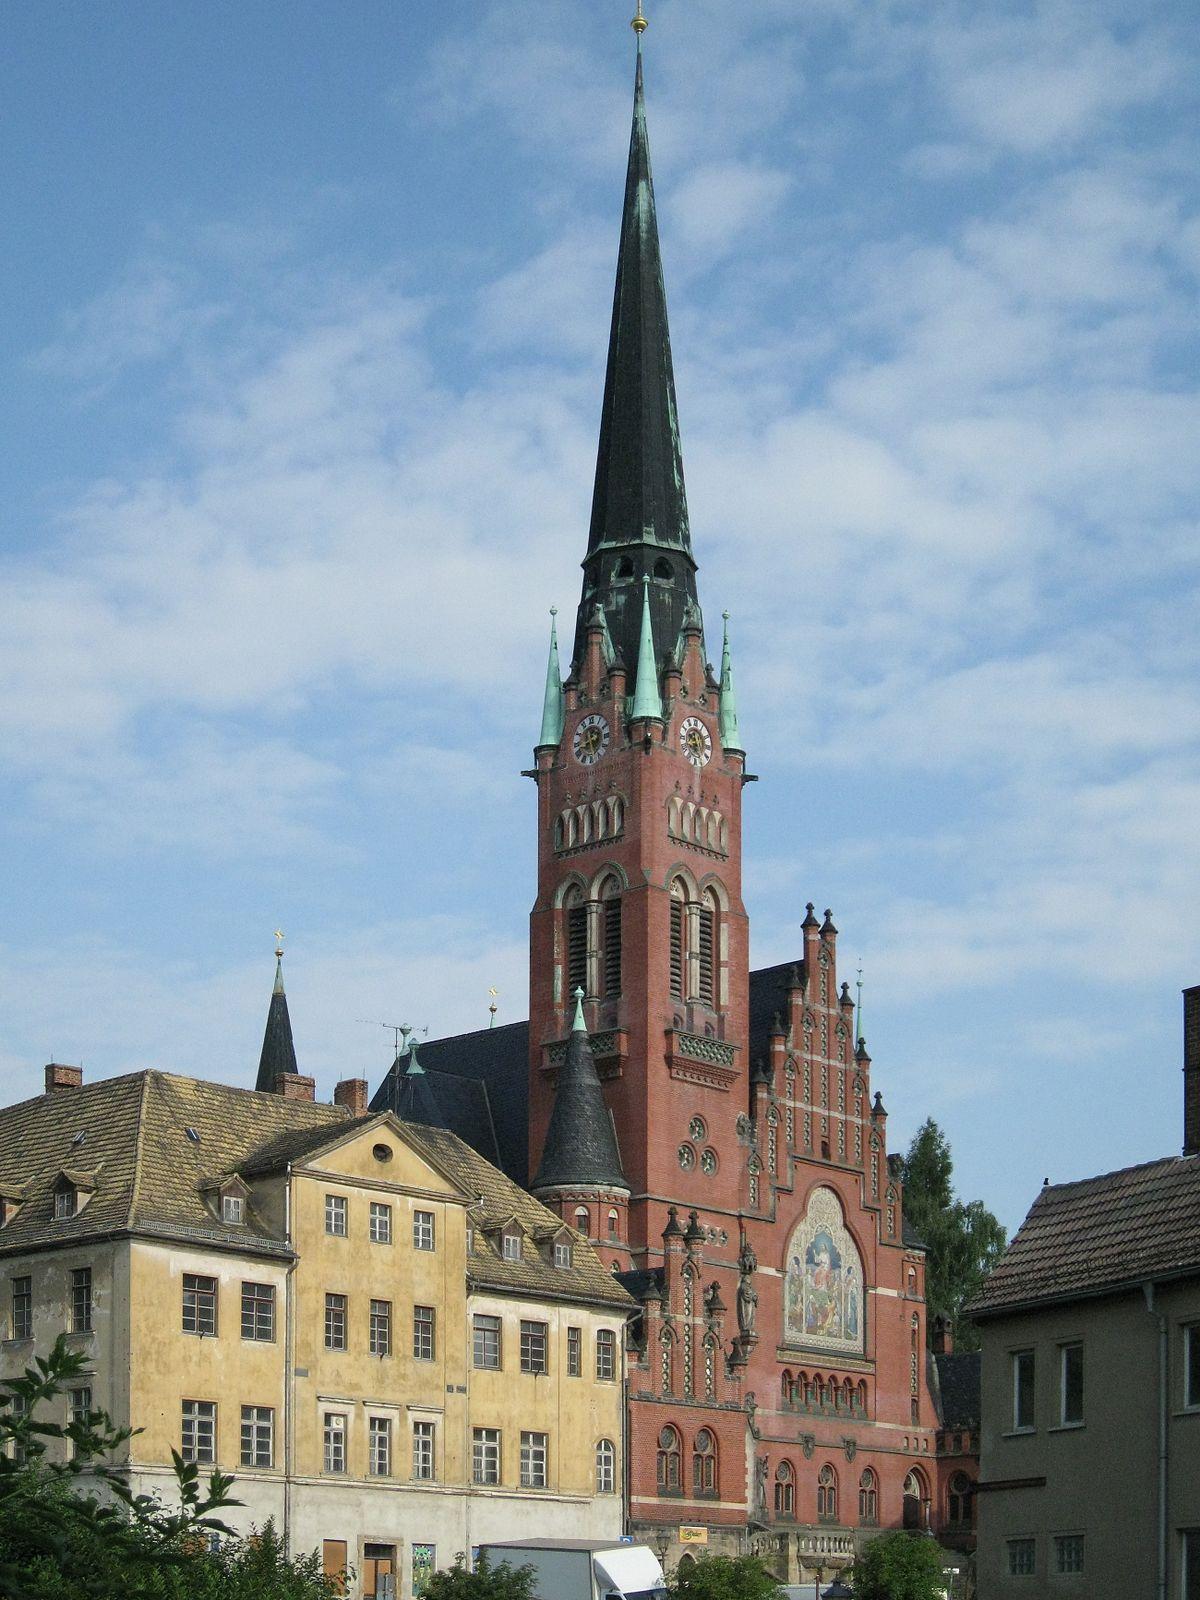 Broederkerk altenburg wikipedia - Oostelijke mozaiek ...